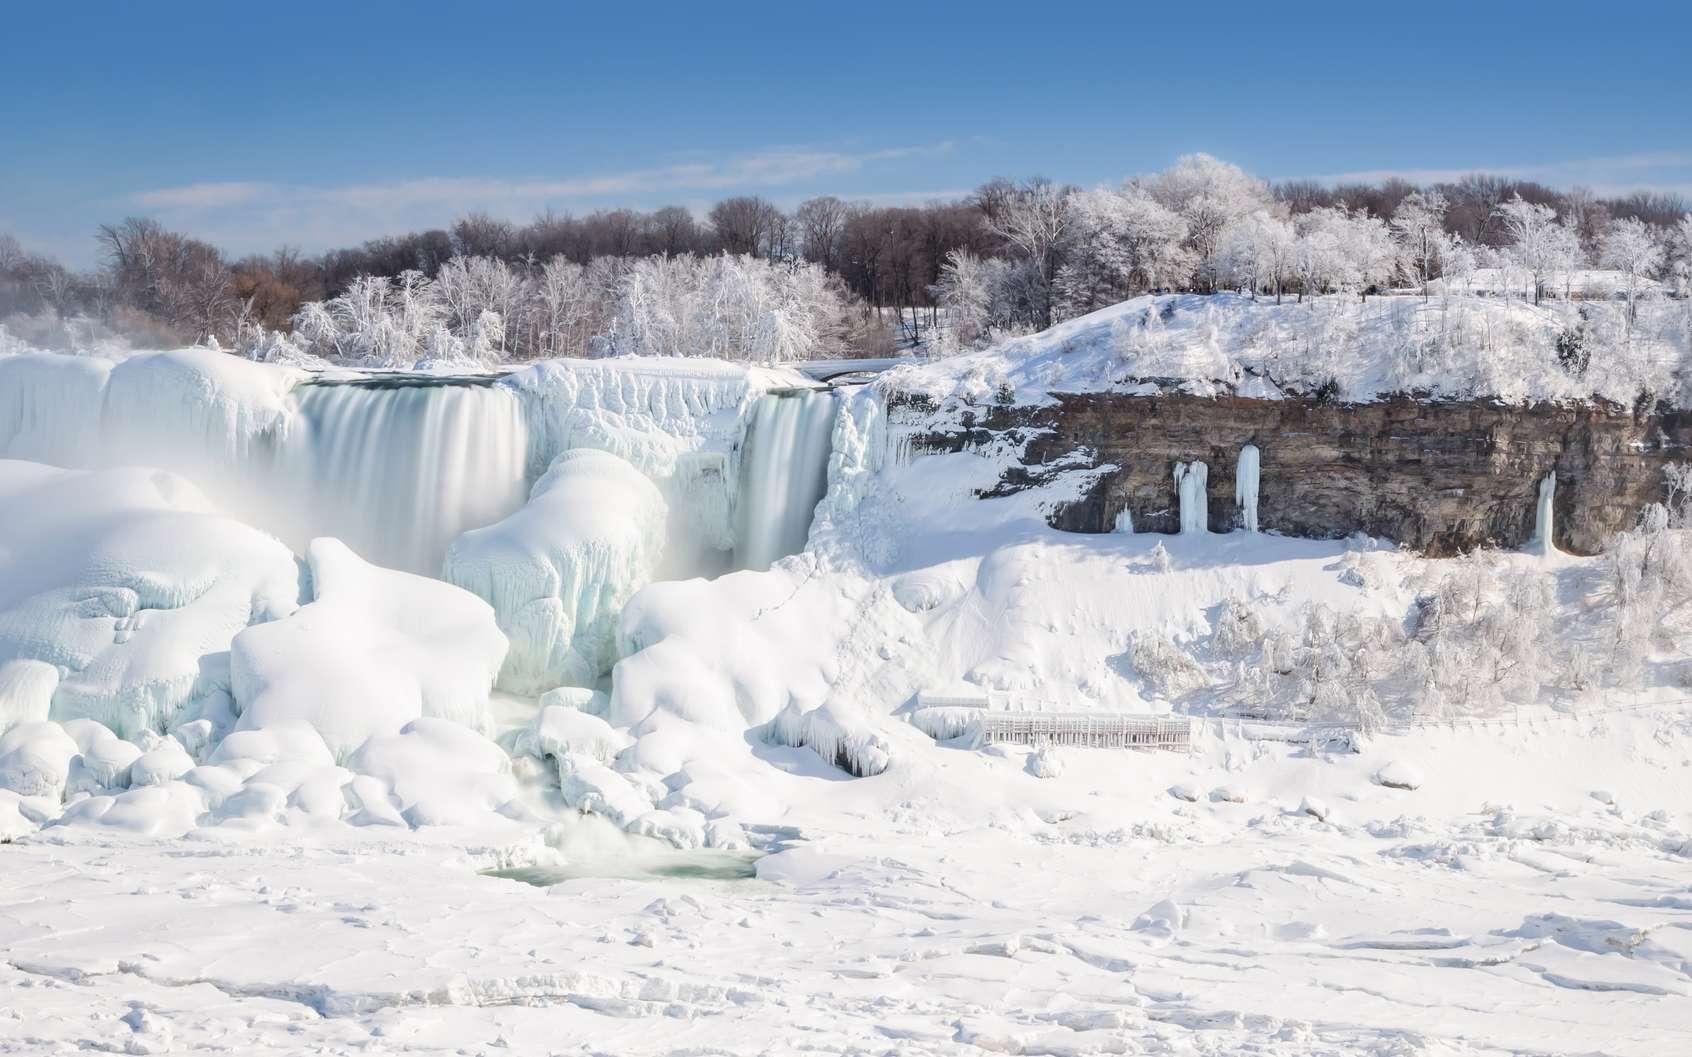 Les chutes du Niagara pétrifiées par le froid polaire tombé sur l'est de l'Amérique du Nord. © Andy, fotolia